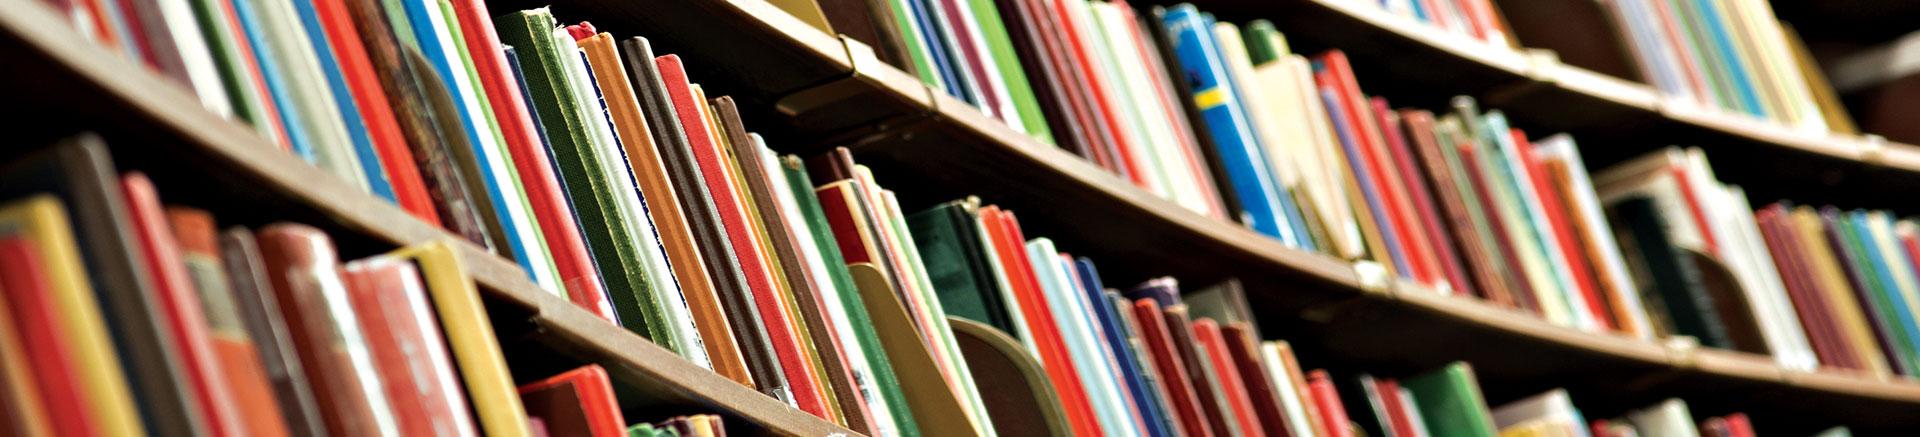 Hibbs-Dangerous Goods Audit WHS Compliance Audit